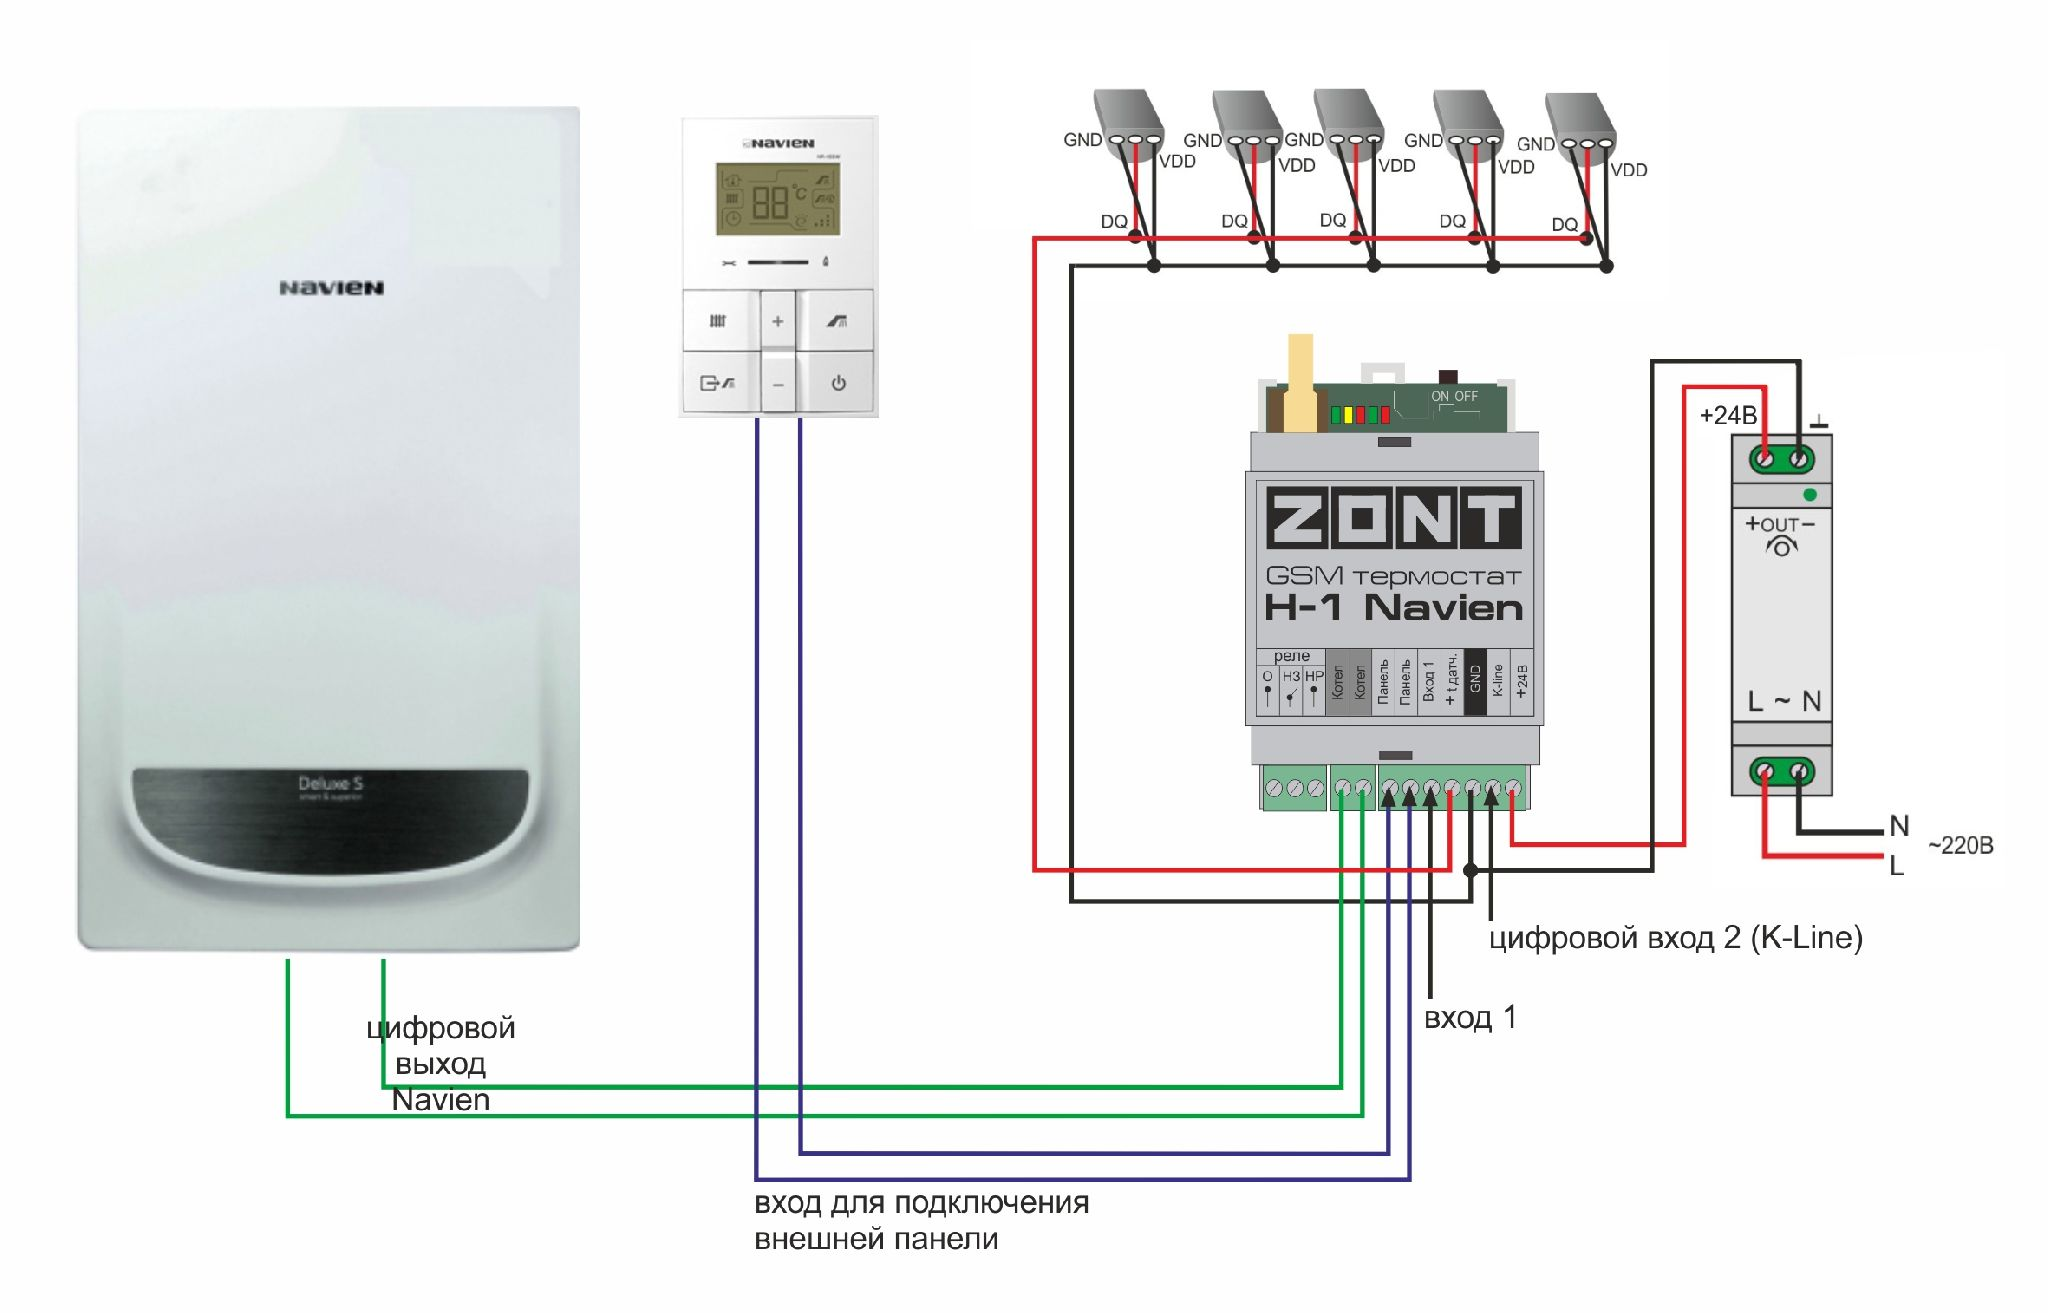 Подключение Zont H-1 Navien к котлу отопления